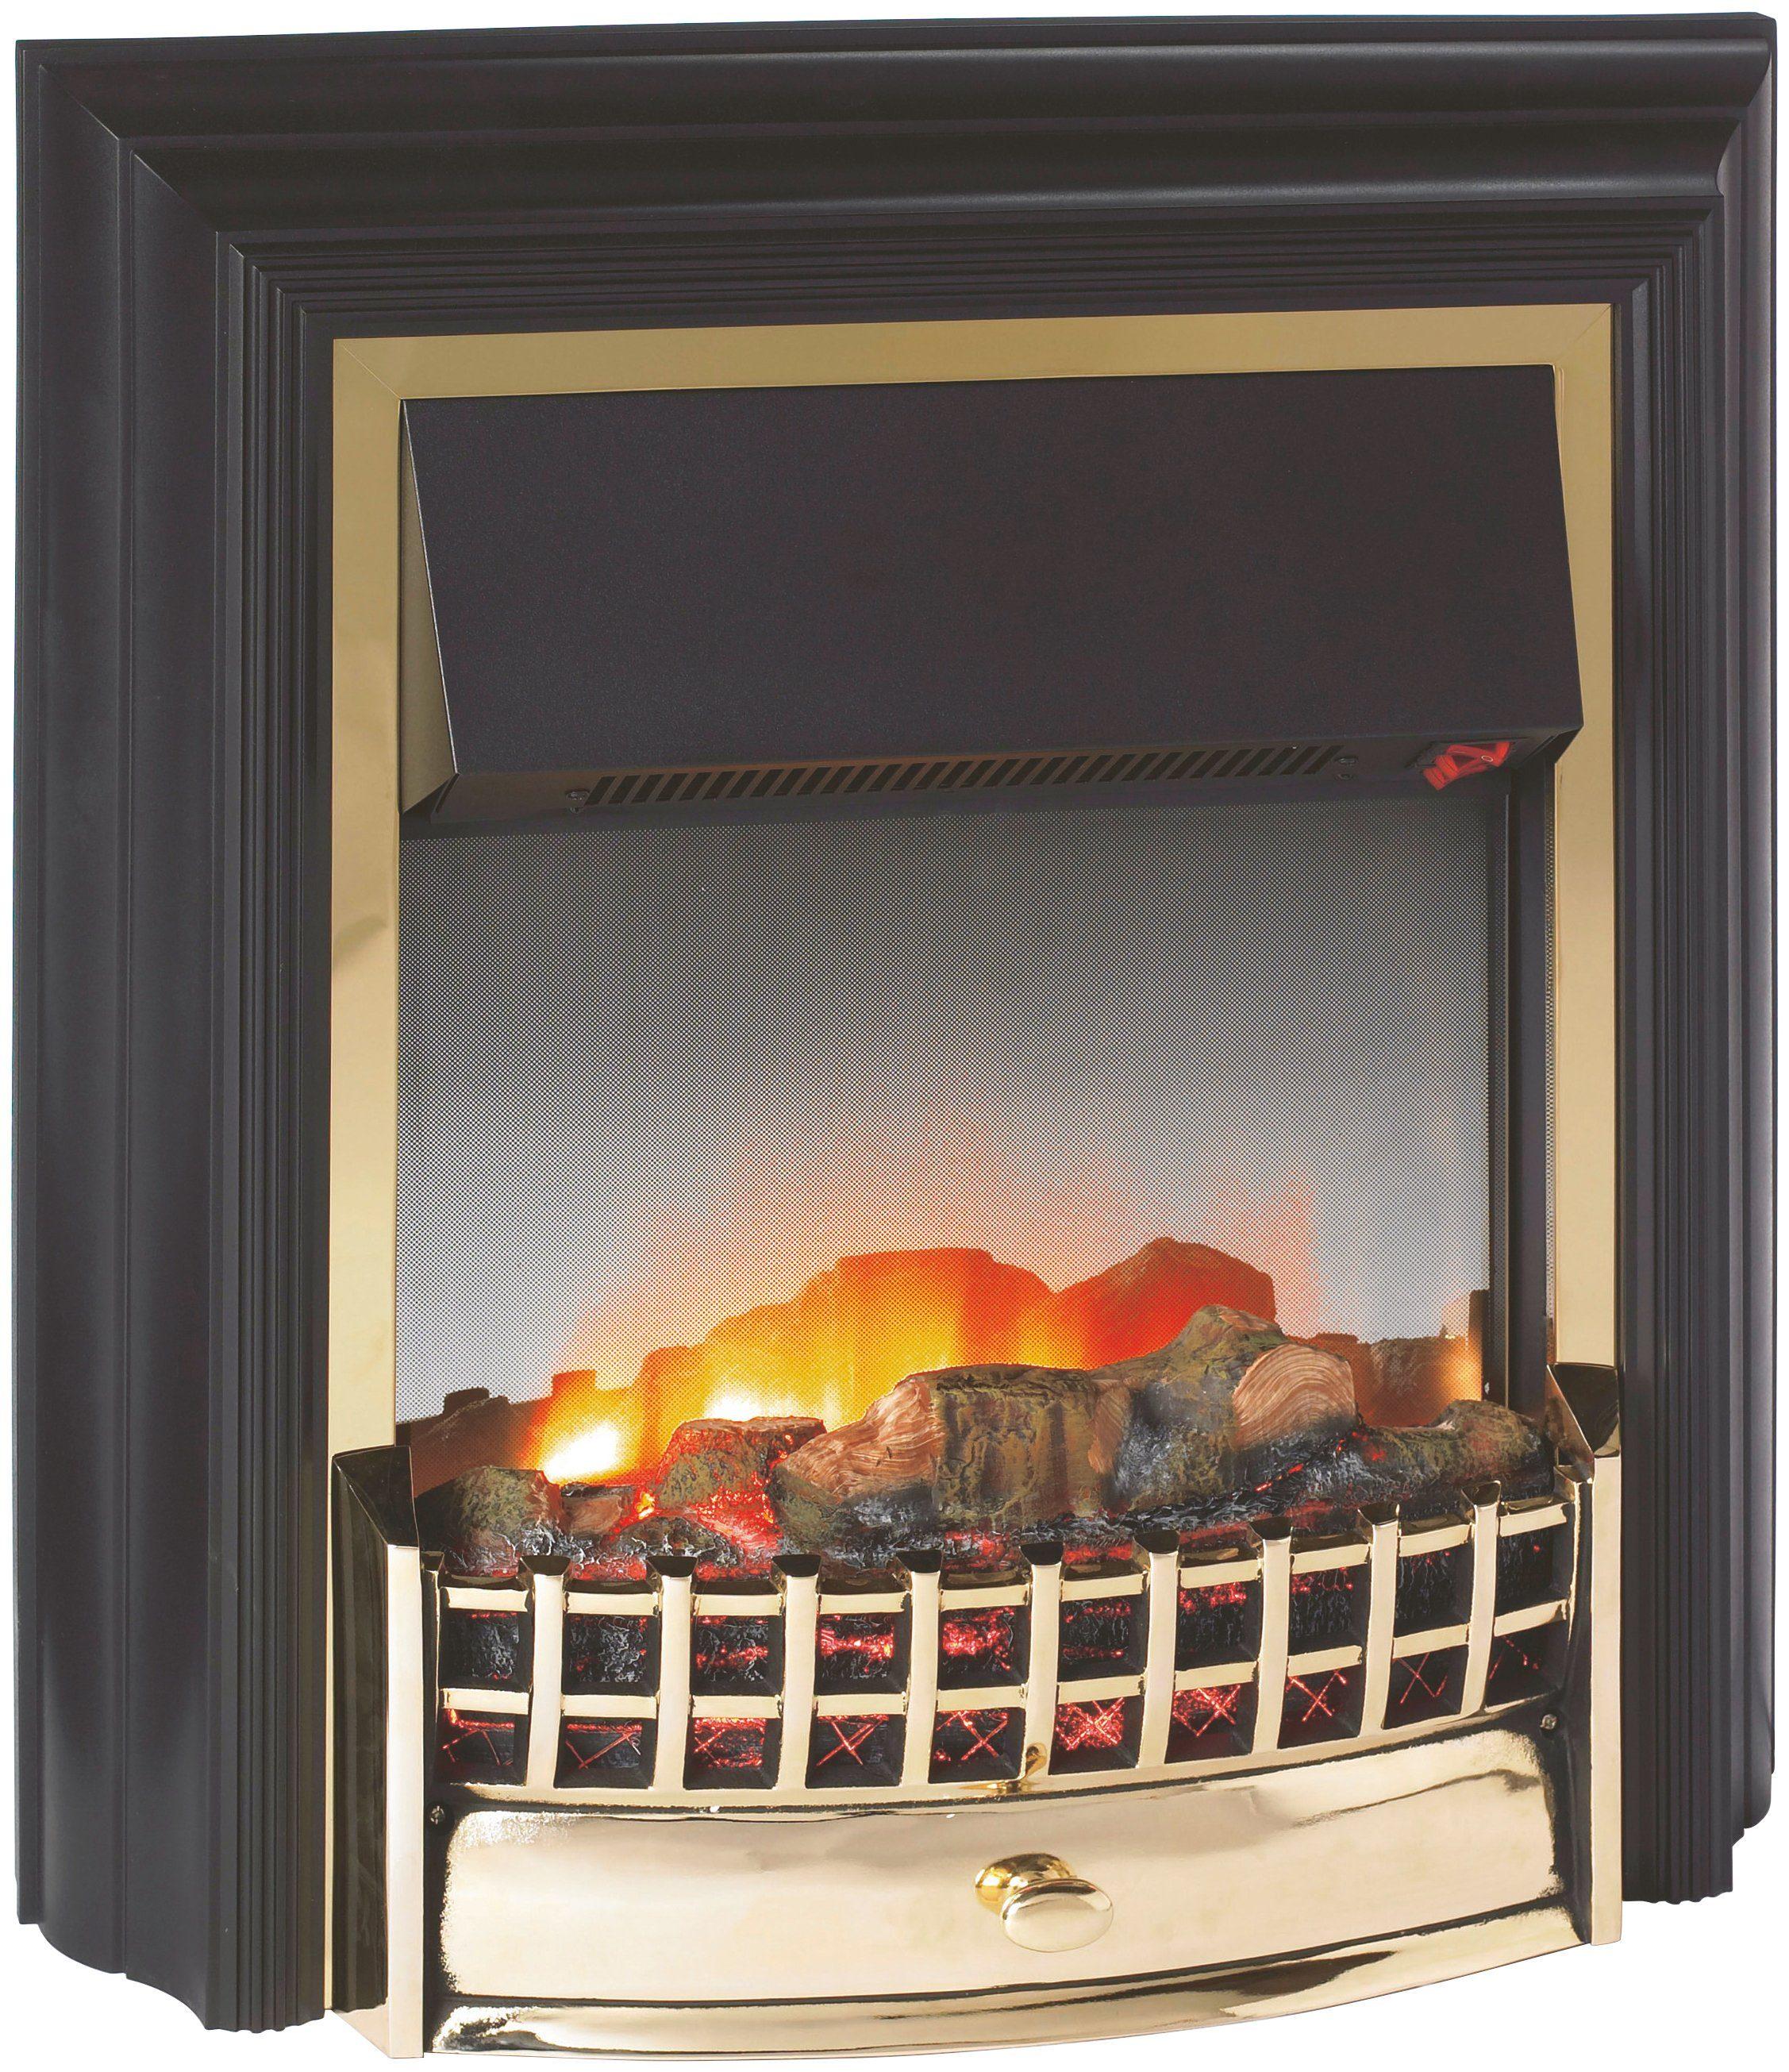 EWT Elektrisches Kaminfeuer »Cheriton«, schwarz, mit Messingzierleisten